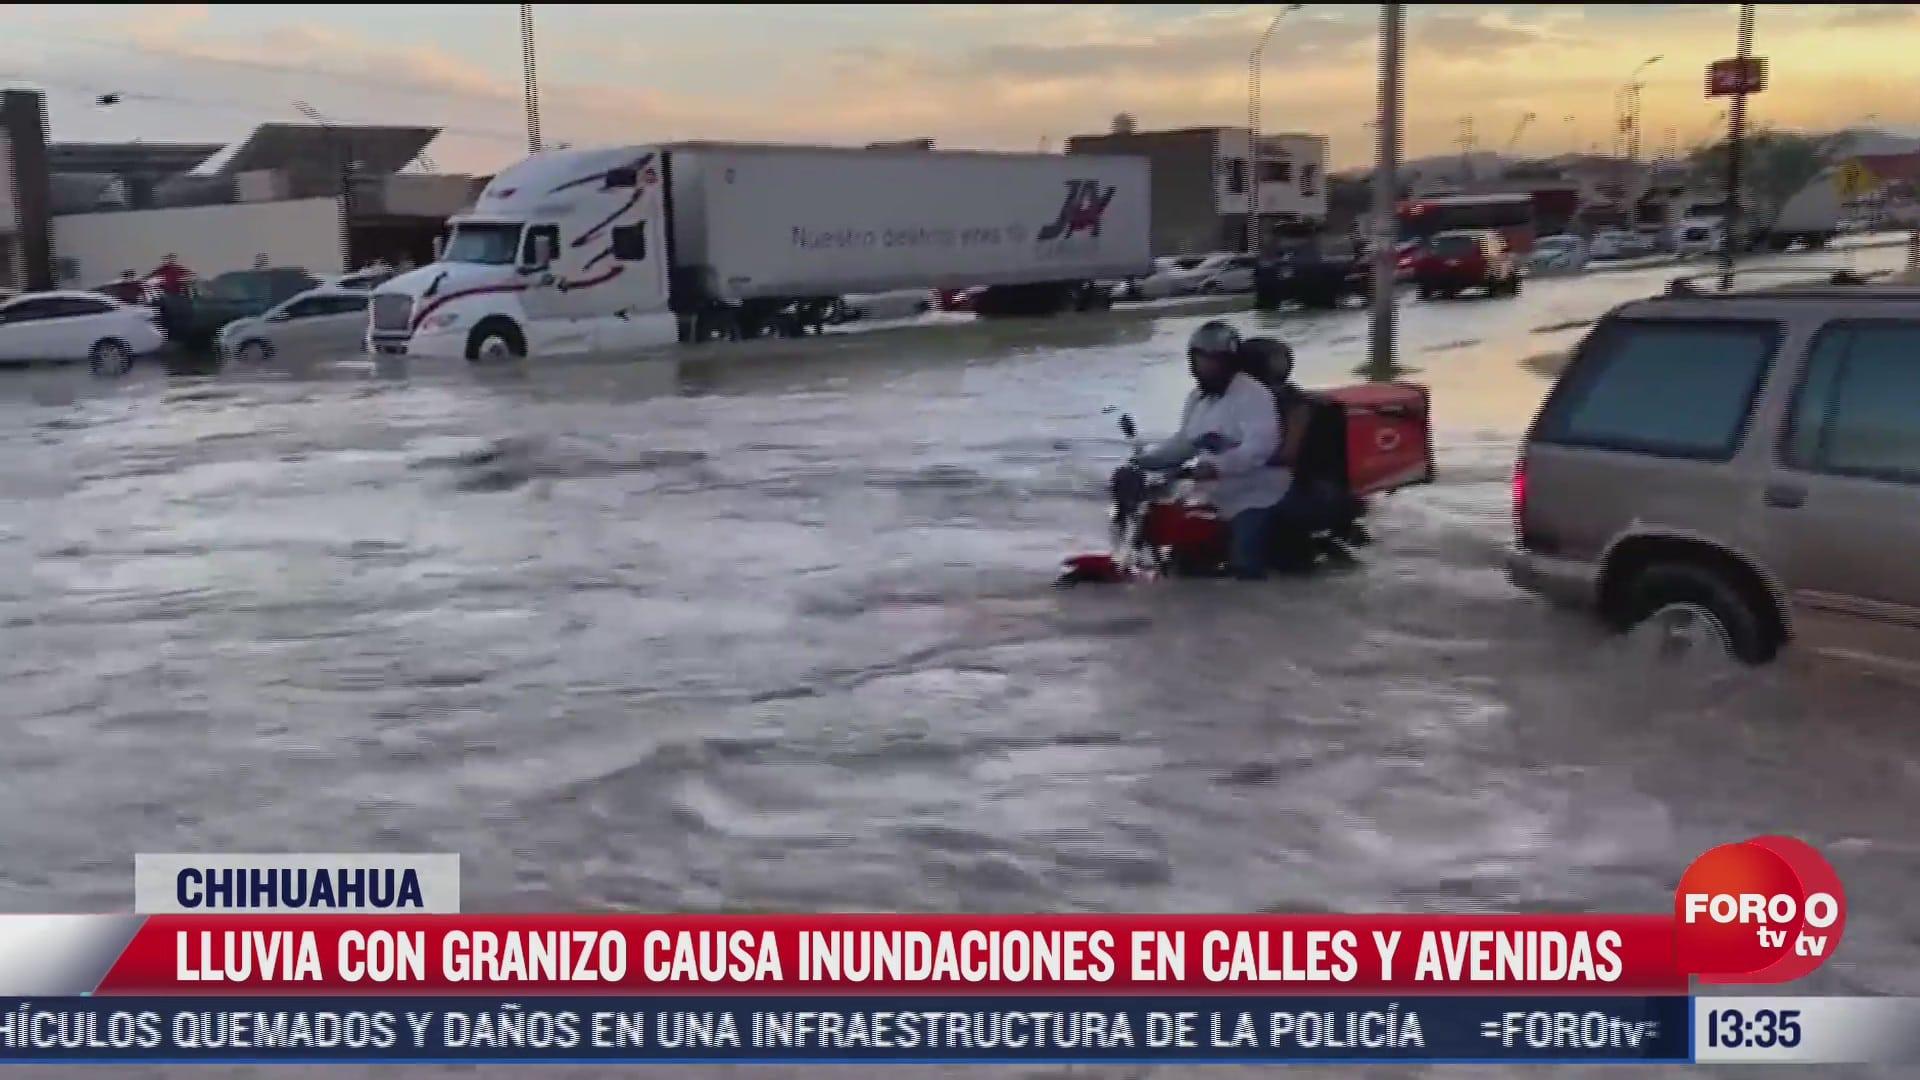 lluvia con granizo causa inundaciones en chihuahua